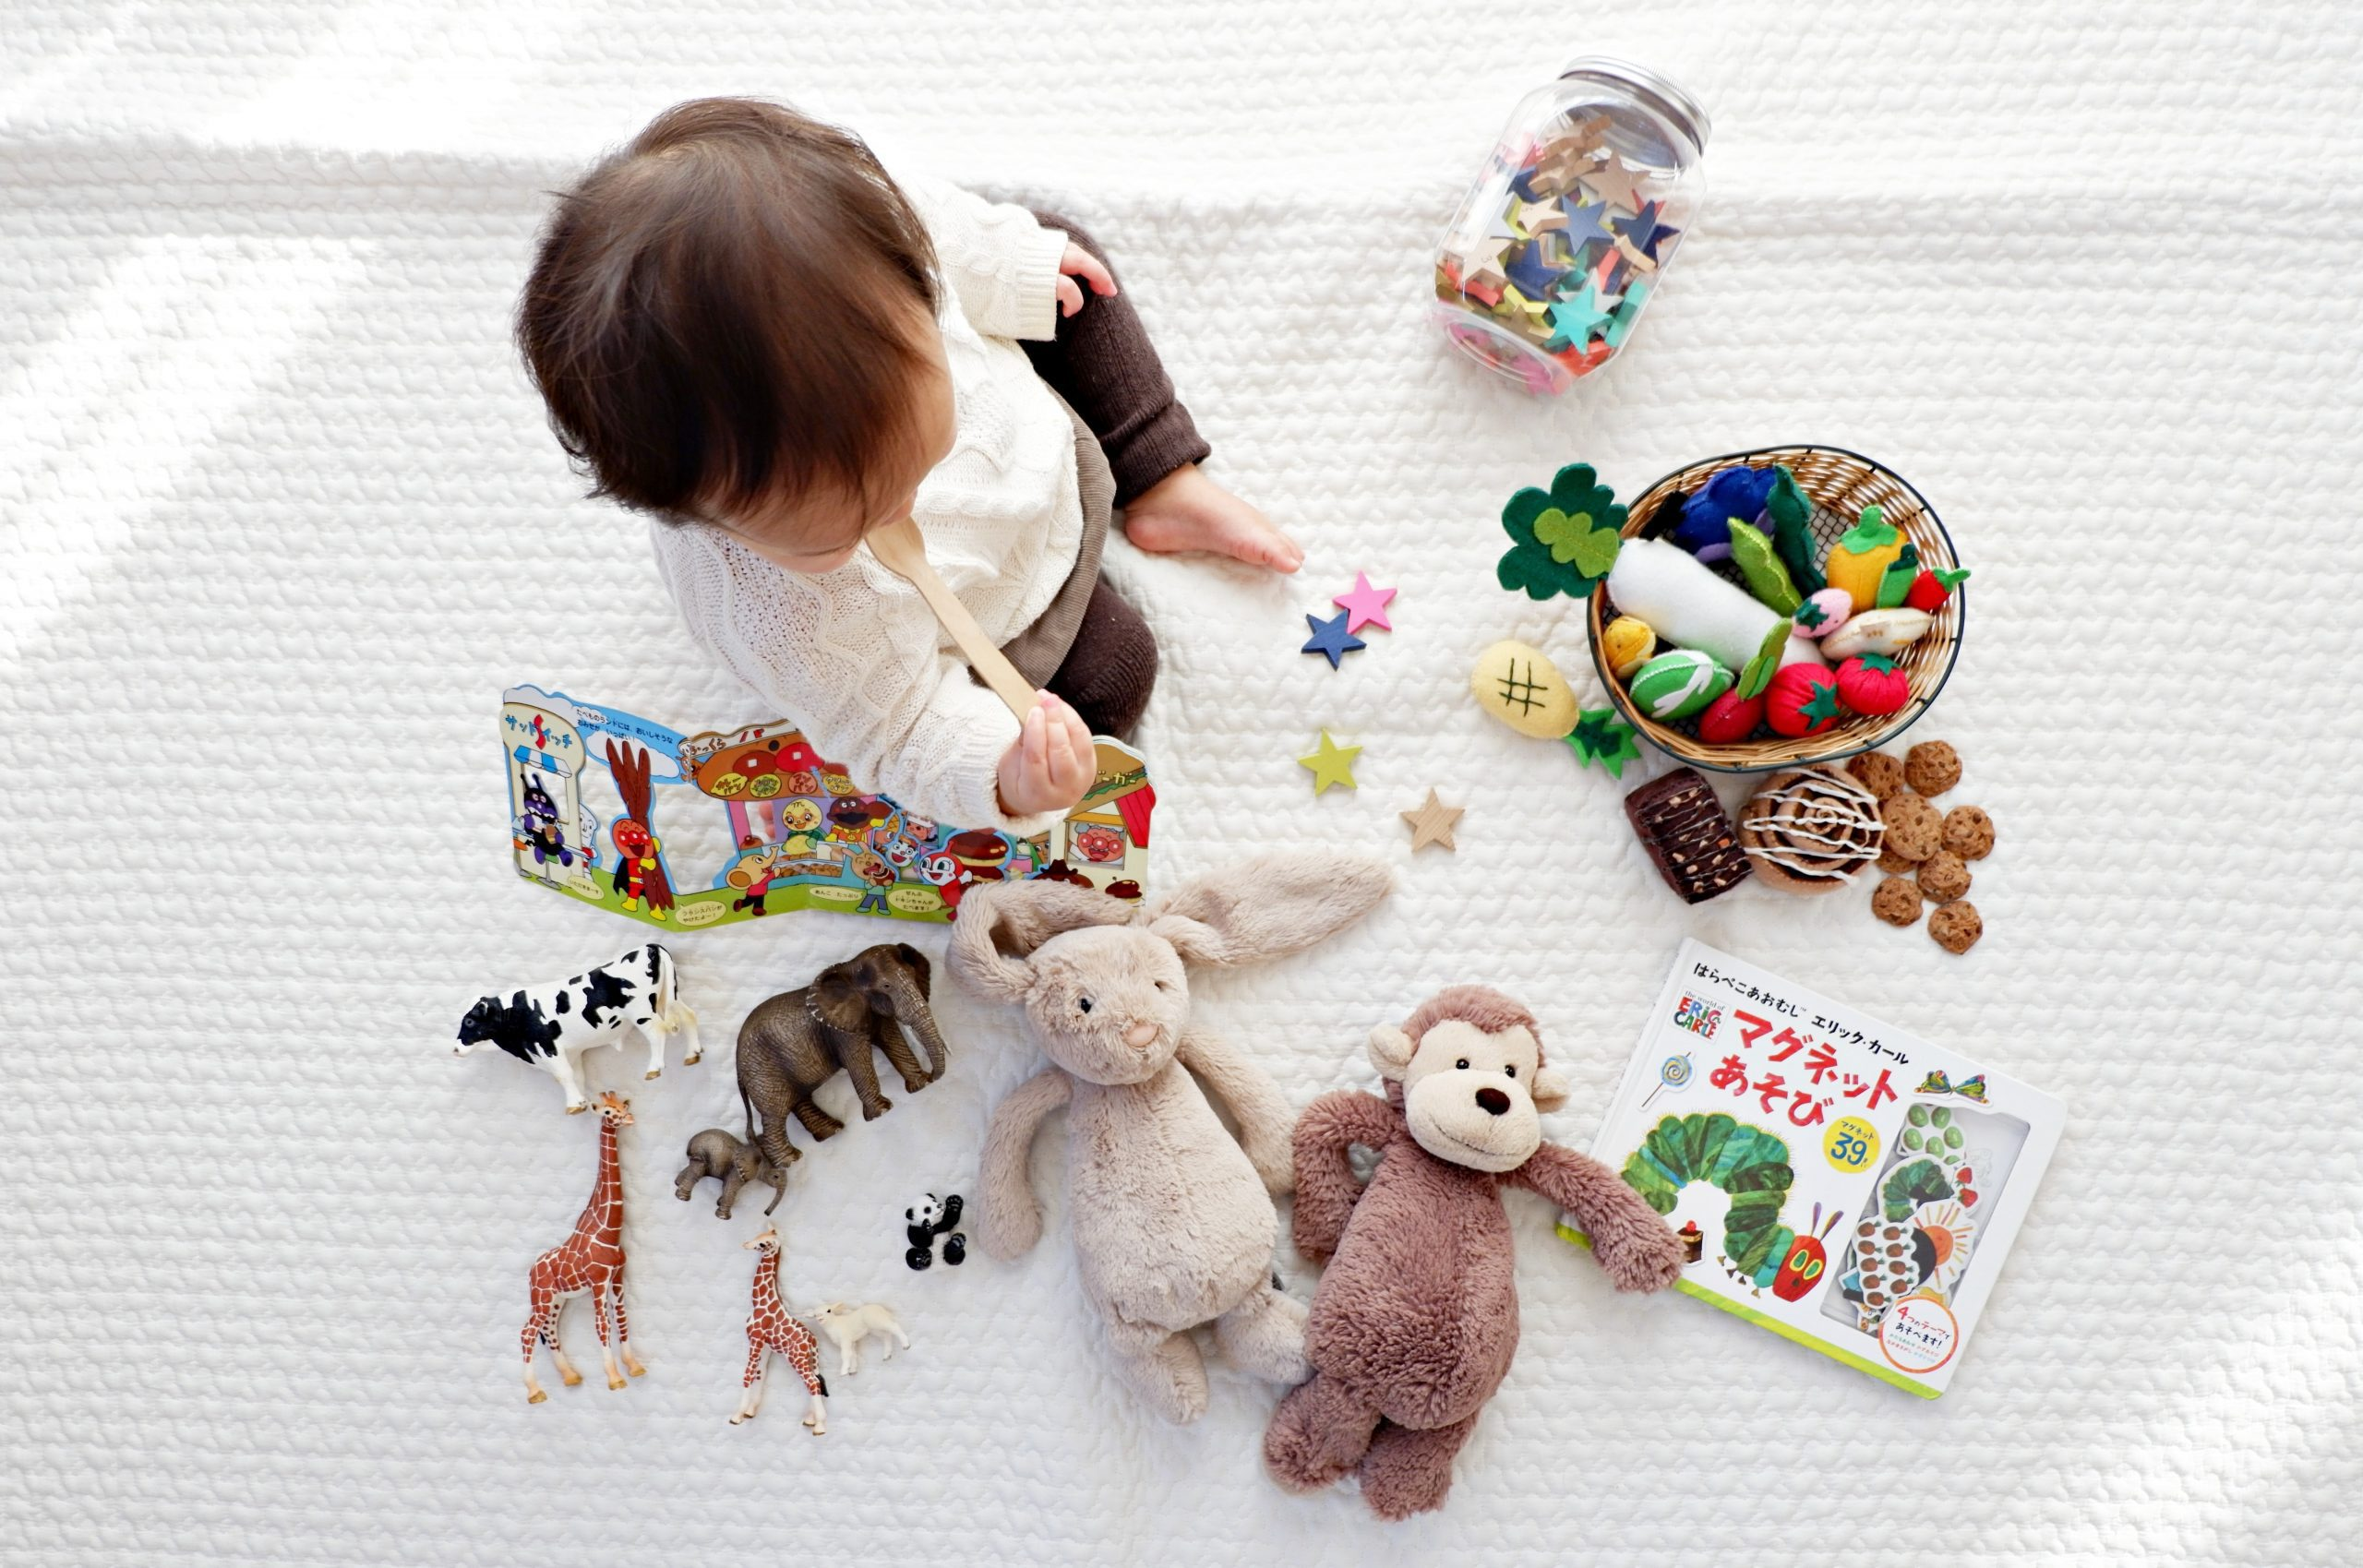 te veel speelgoed slecht voor kind